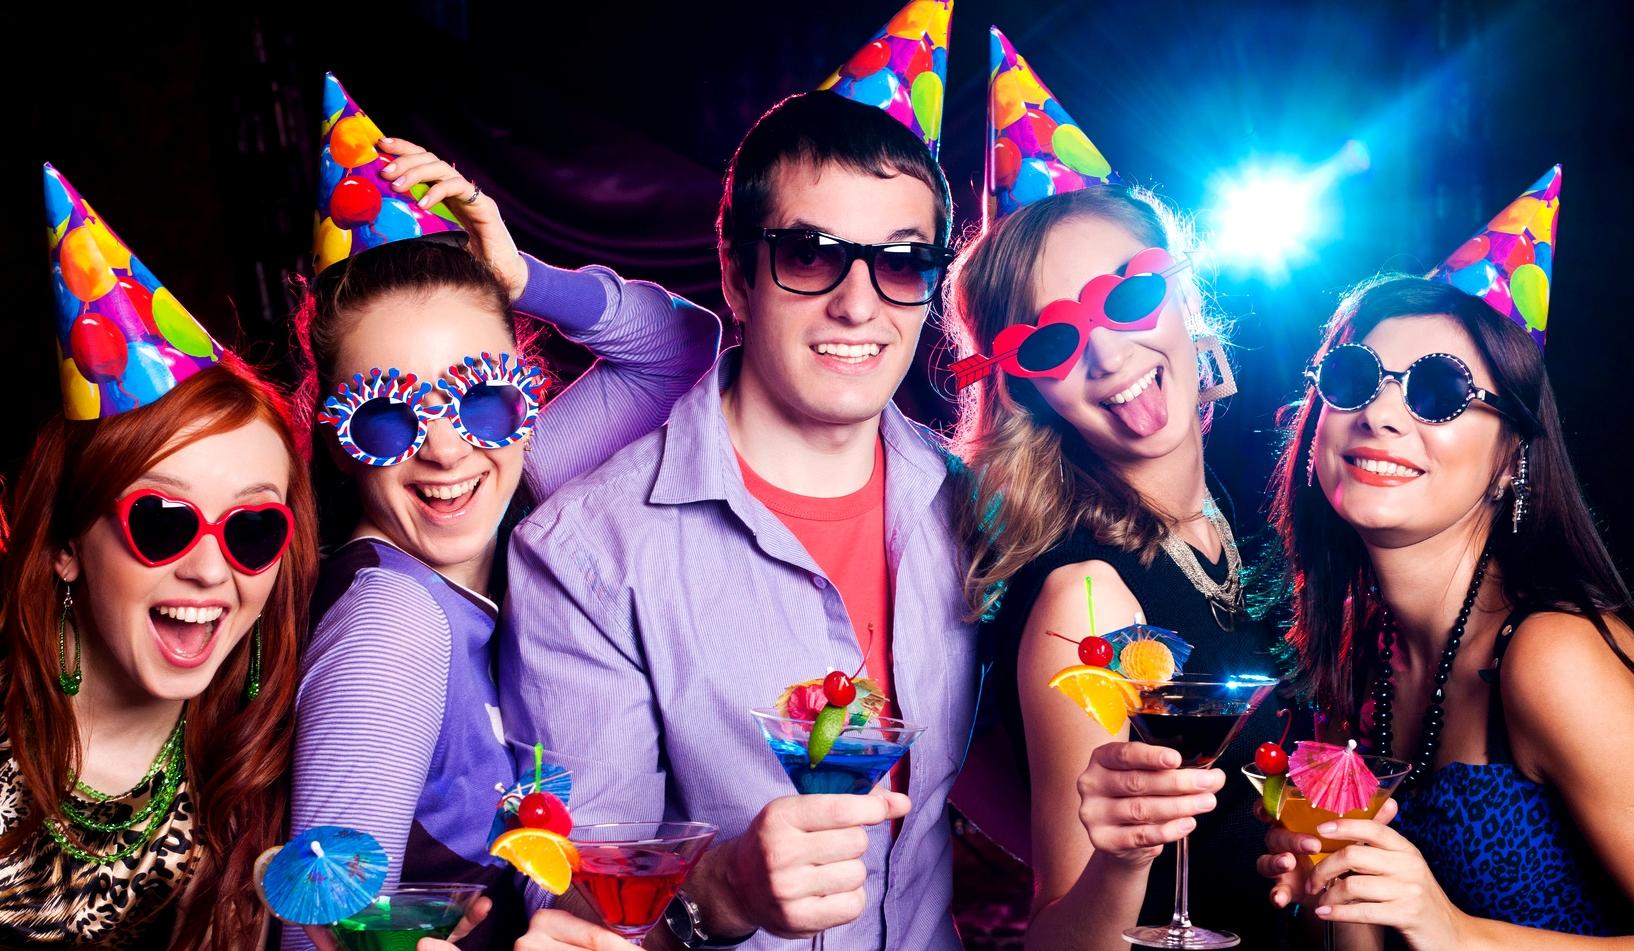 вечеринка и пати видео - 10